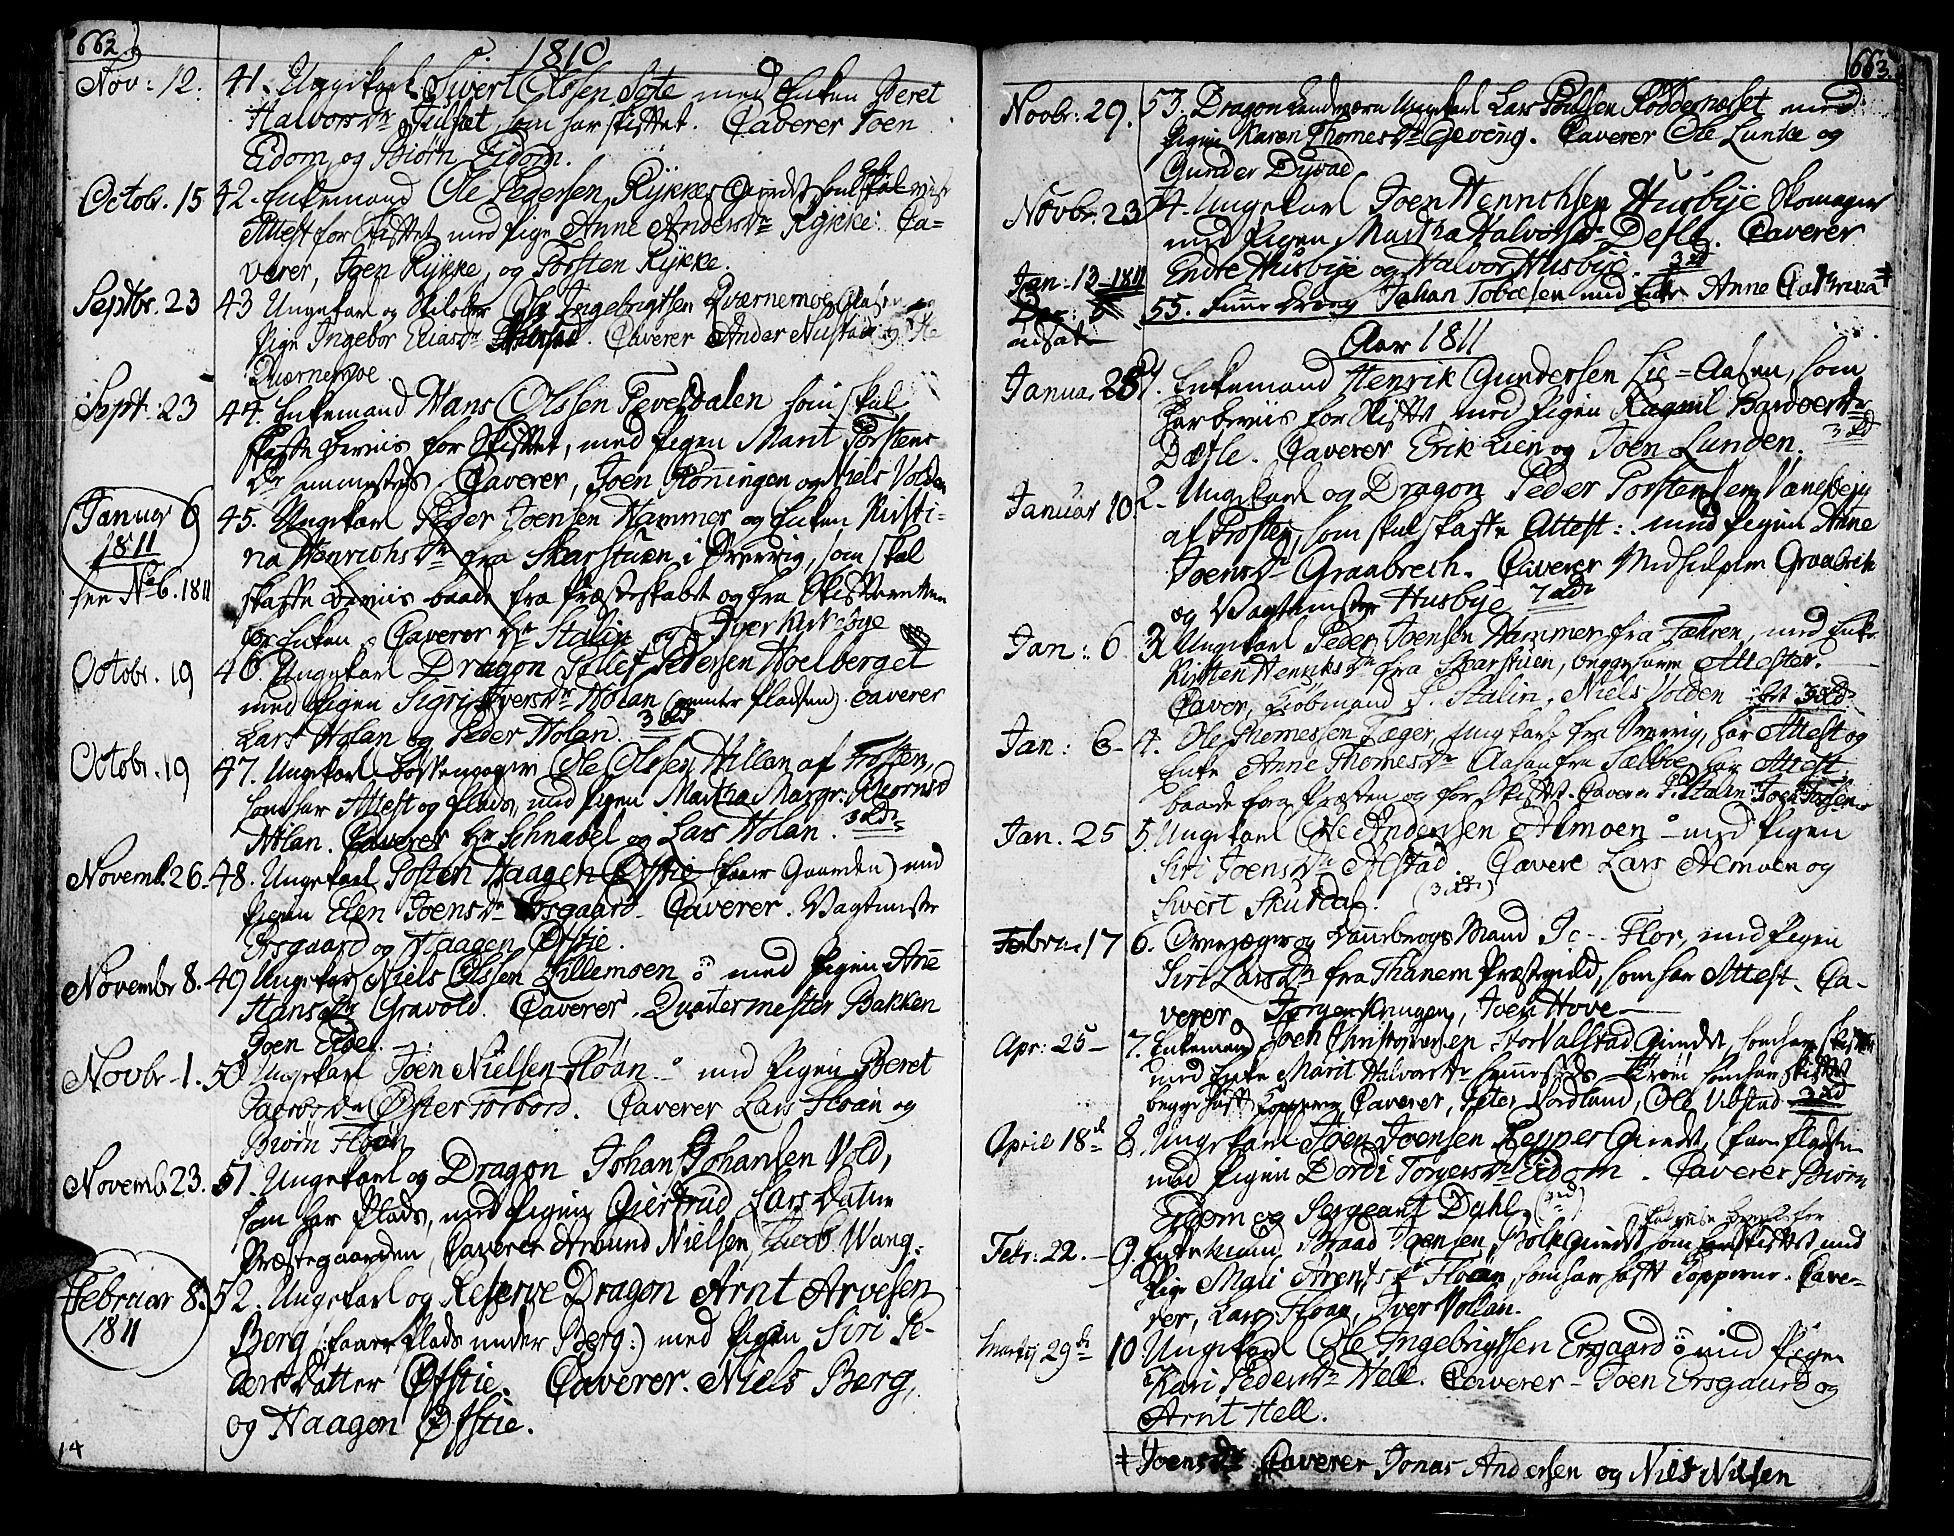 SAT, Ministerialprotokoller, klokkerbøker og fødselsregistre - Nord-Trøndelag, 709/L0060: Ministerialbok nr. 709A07, 1797-1815, s. 662-663